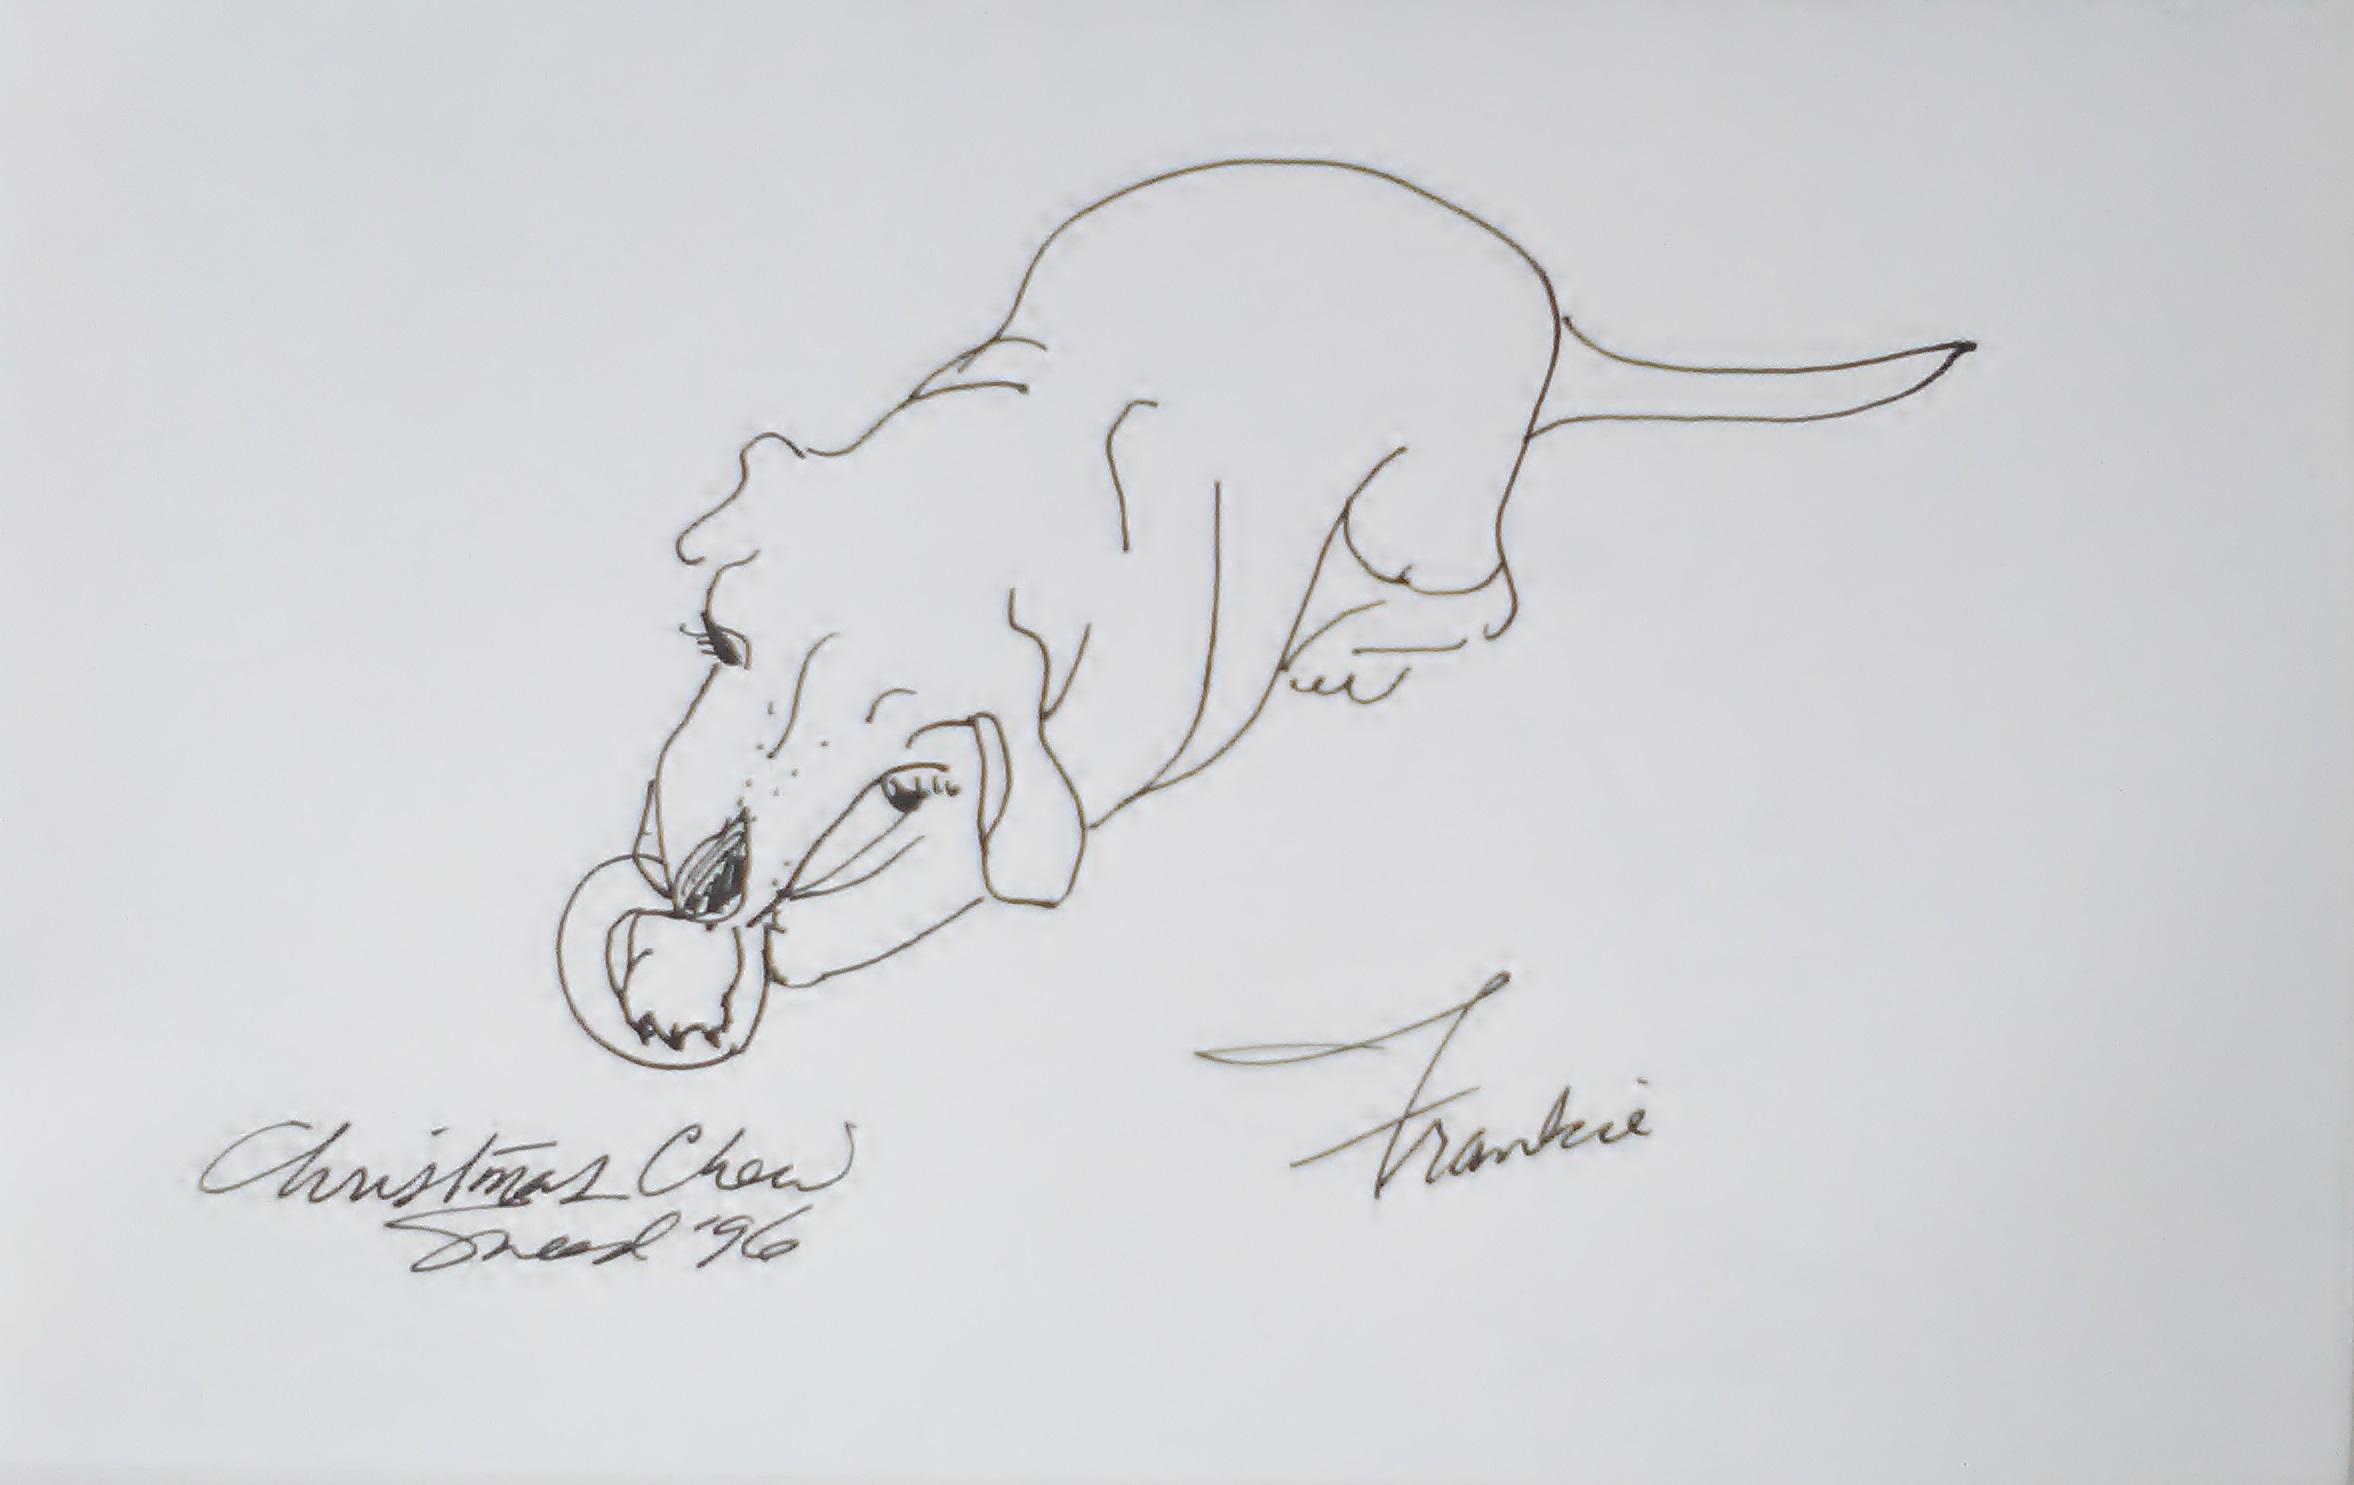 Frankie Christmas Chew_1996